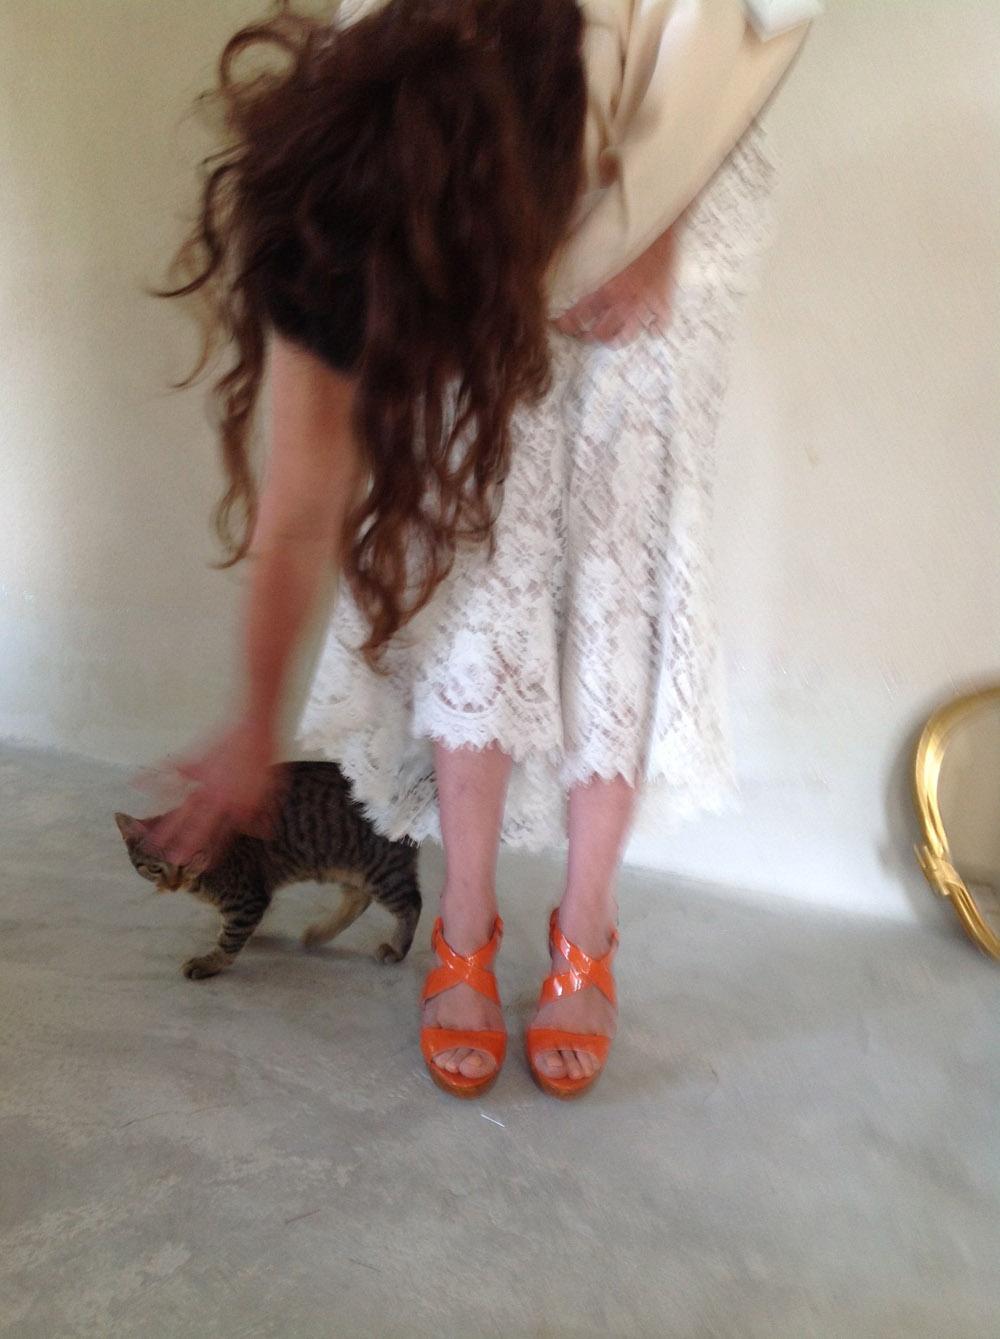 robe-mariee-boheme-vintage-couture-sur-mesures-douceur-chat-quiquilamothe-atelier-chic-quiqui-lamoth